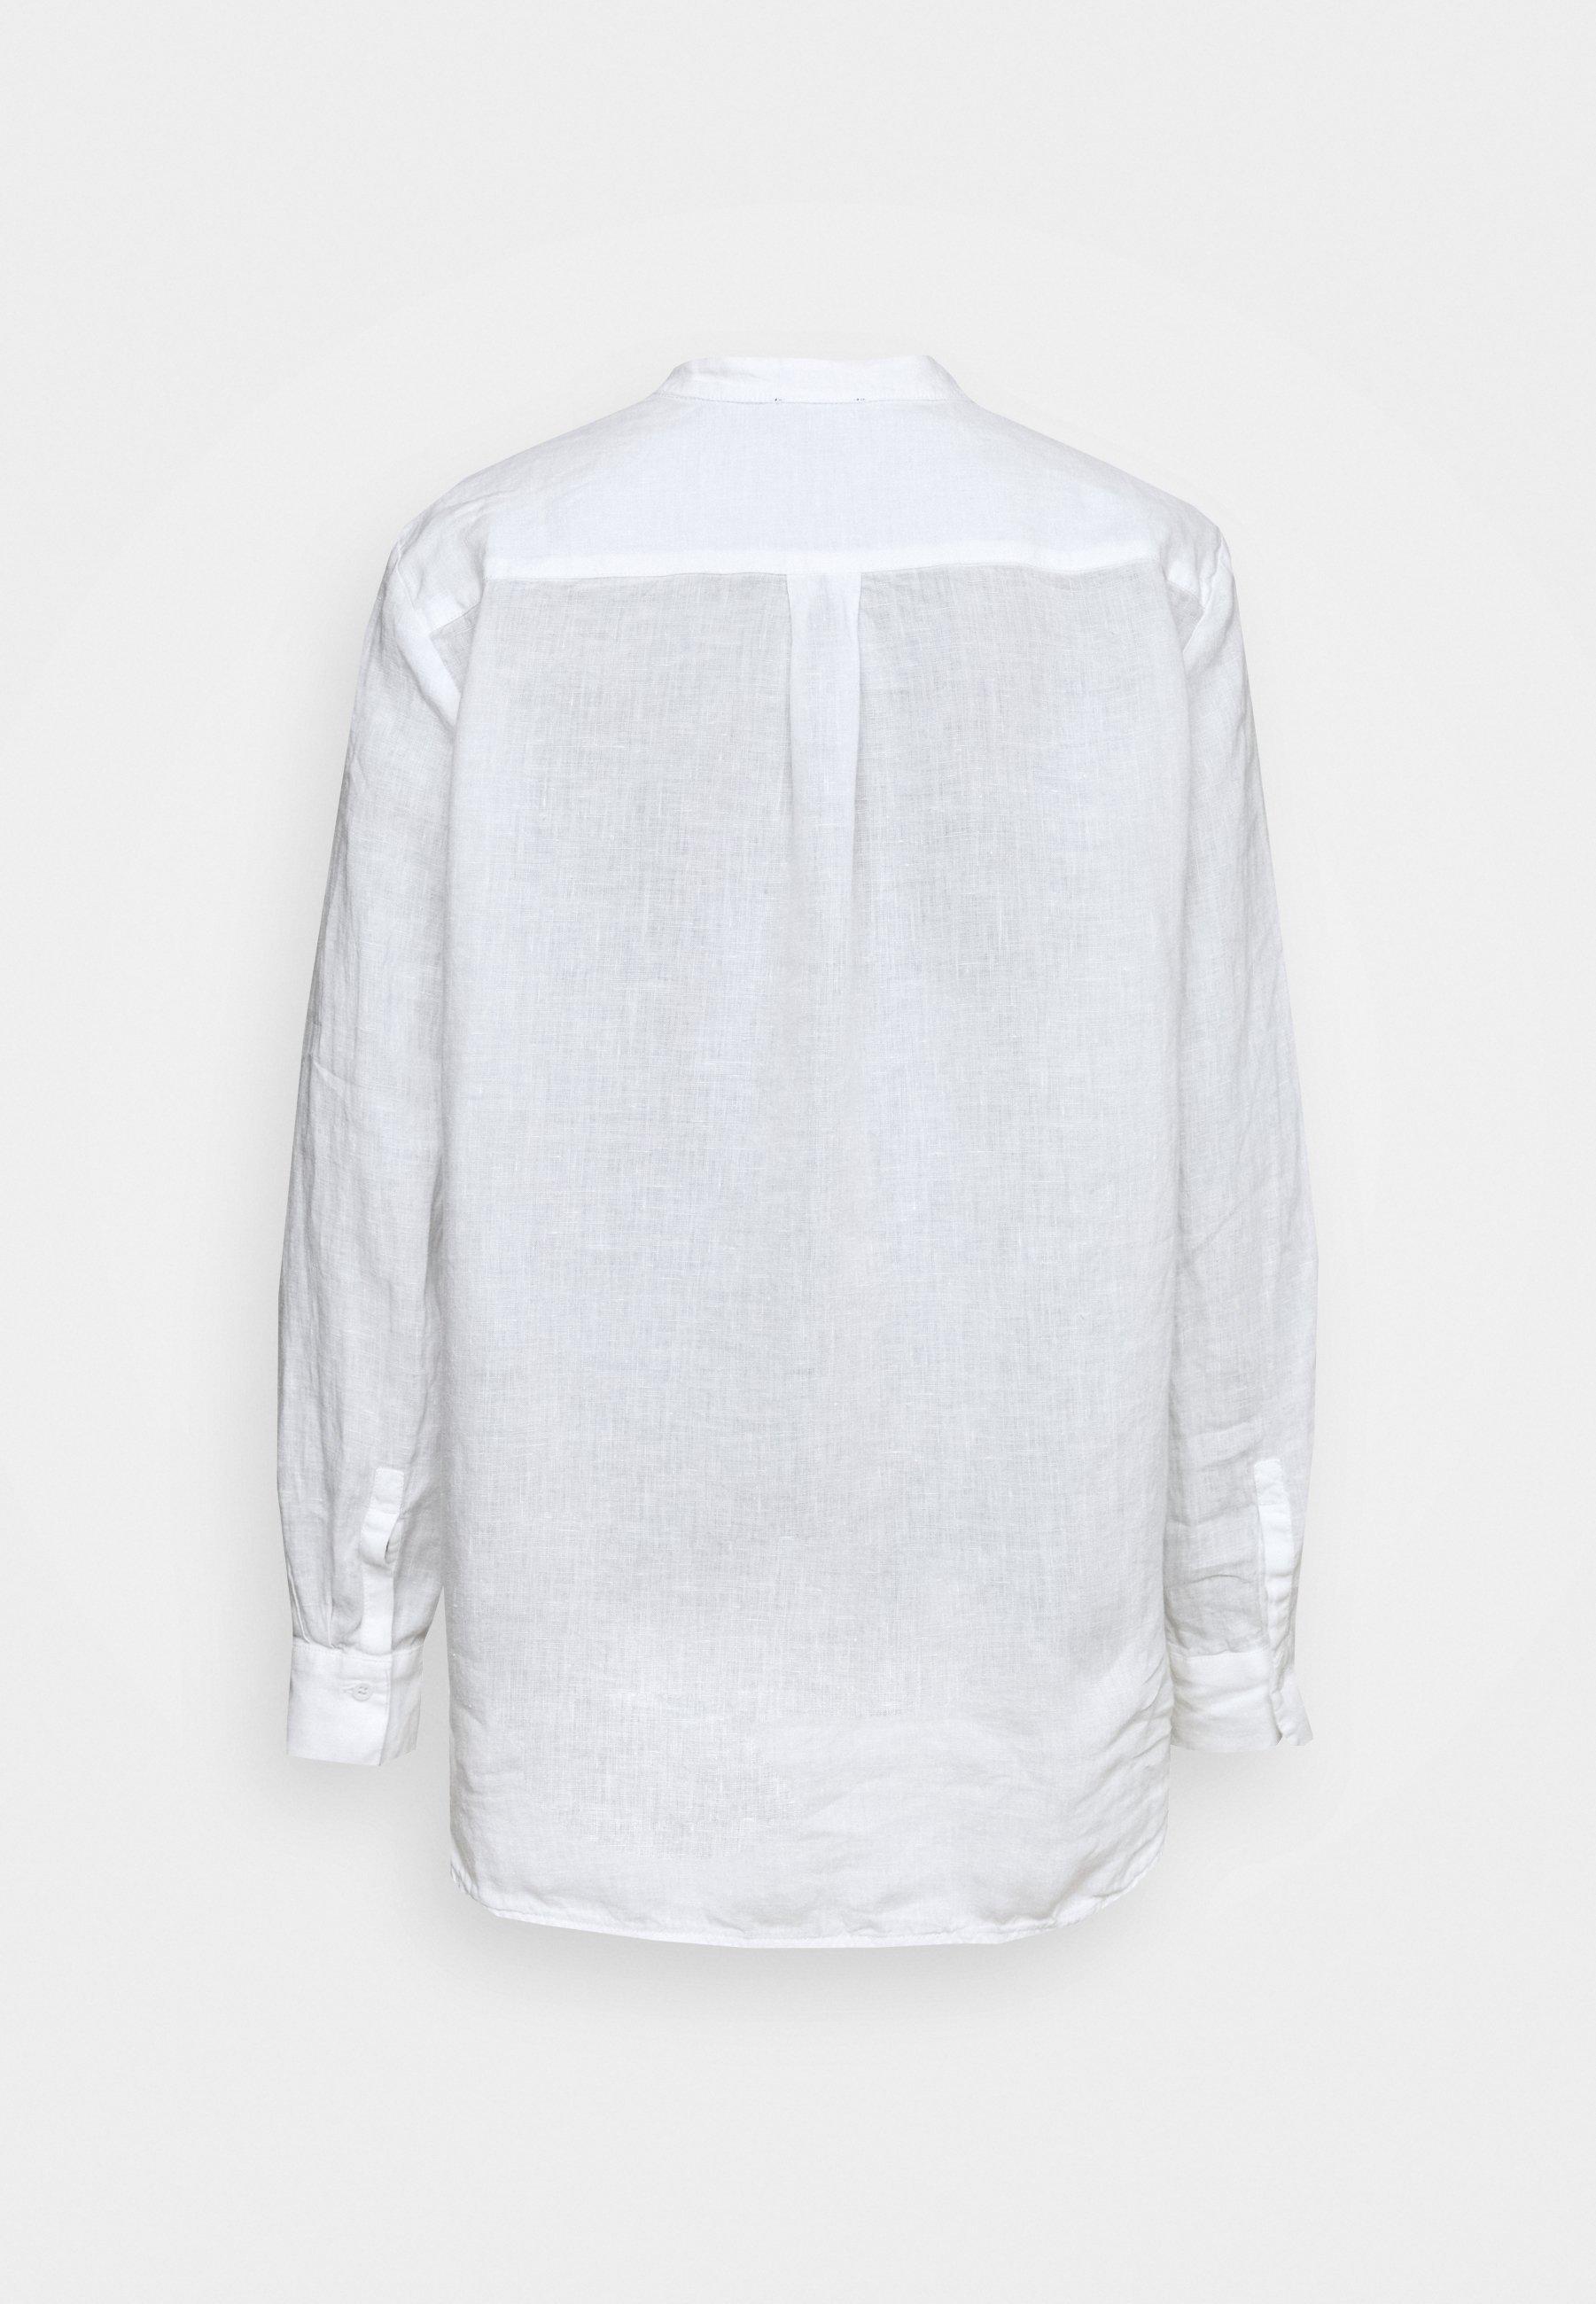 Marc O'polo Blouse Long Sleeved - Pusero White